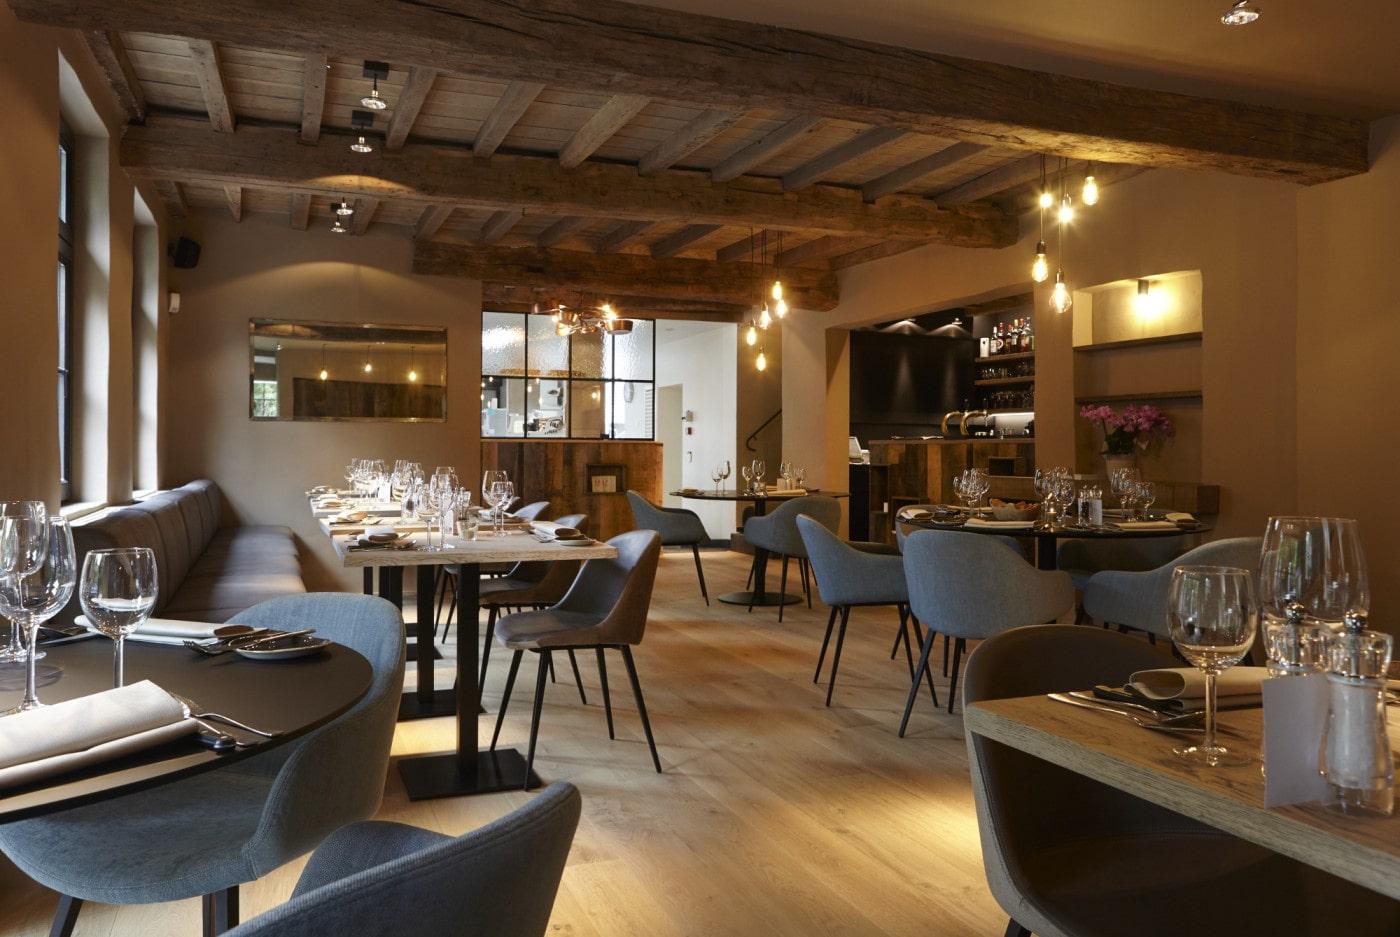 Restaurant Eenhoorn, Belgium | MIDJ